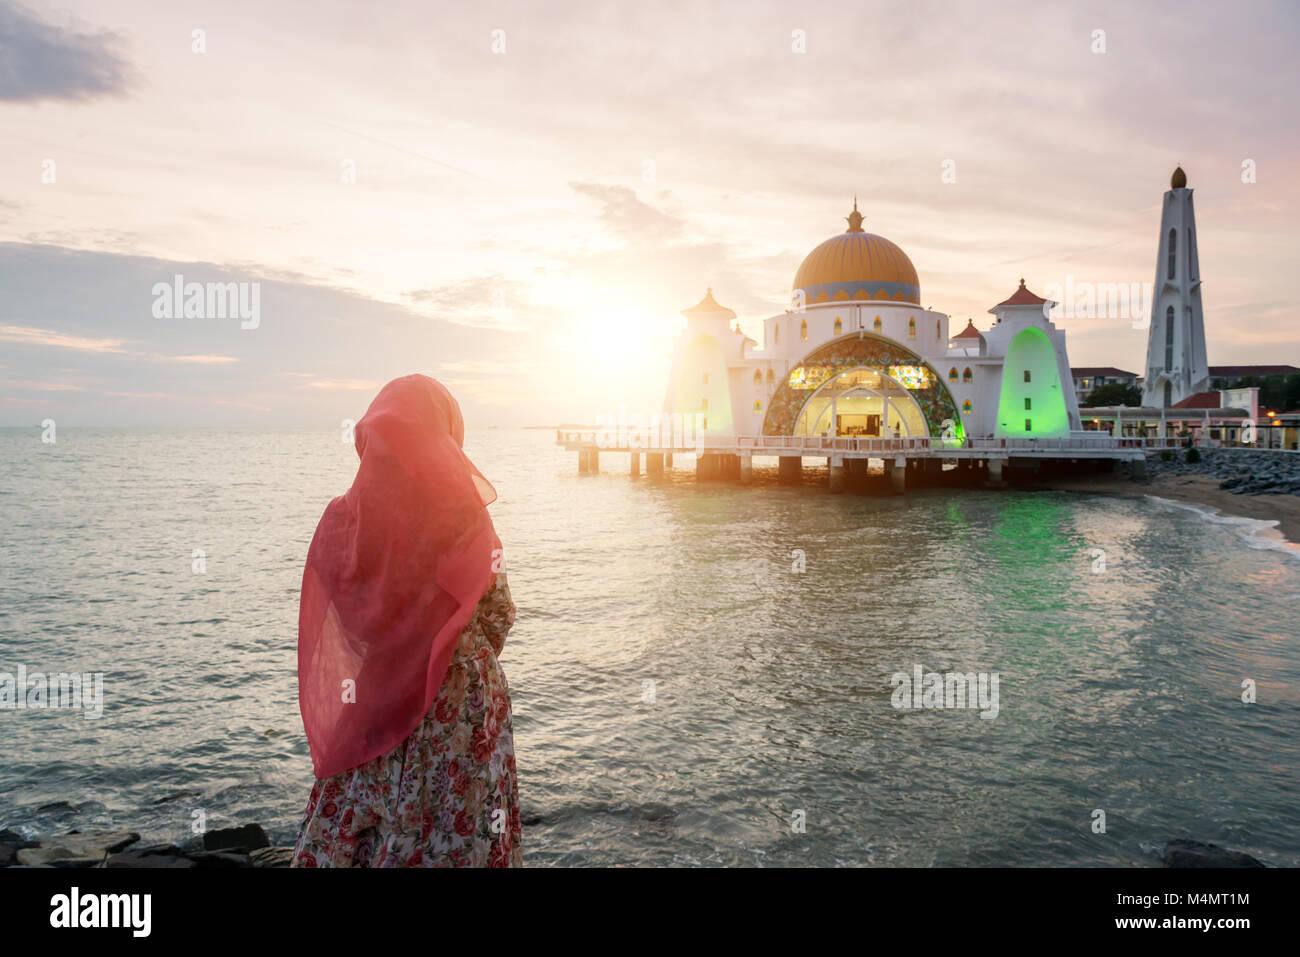 Estrecho de Malaca mezquita musulmana con orar en Malasia. Mezquita musulmana de Malasia con el concepto de religión. Imagen De Stock